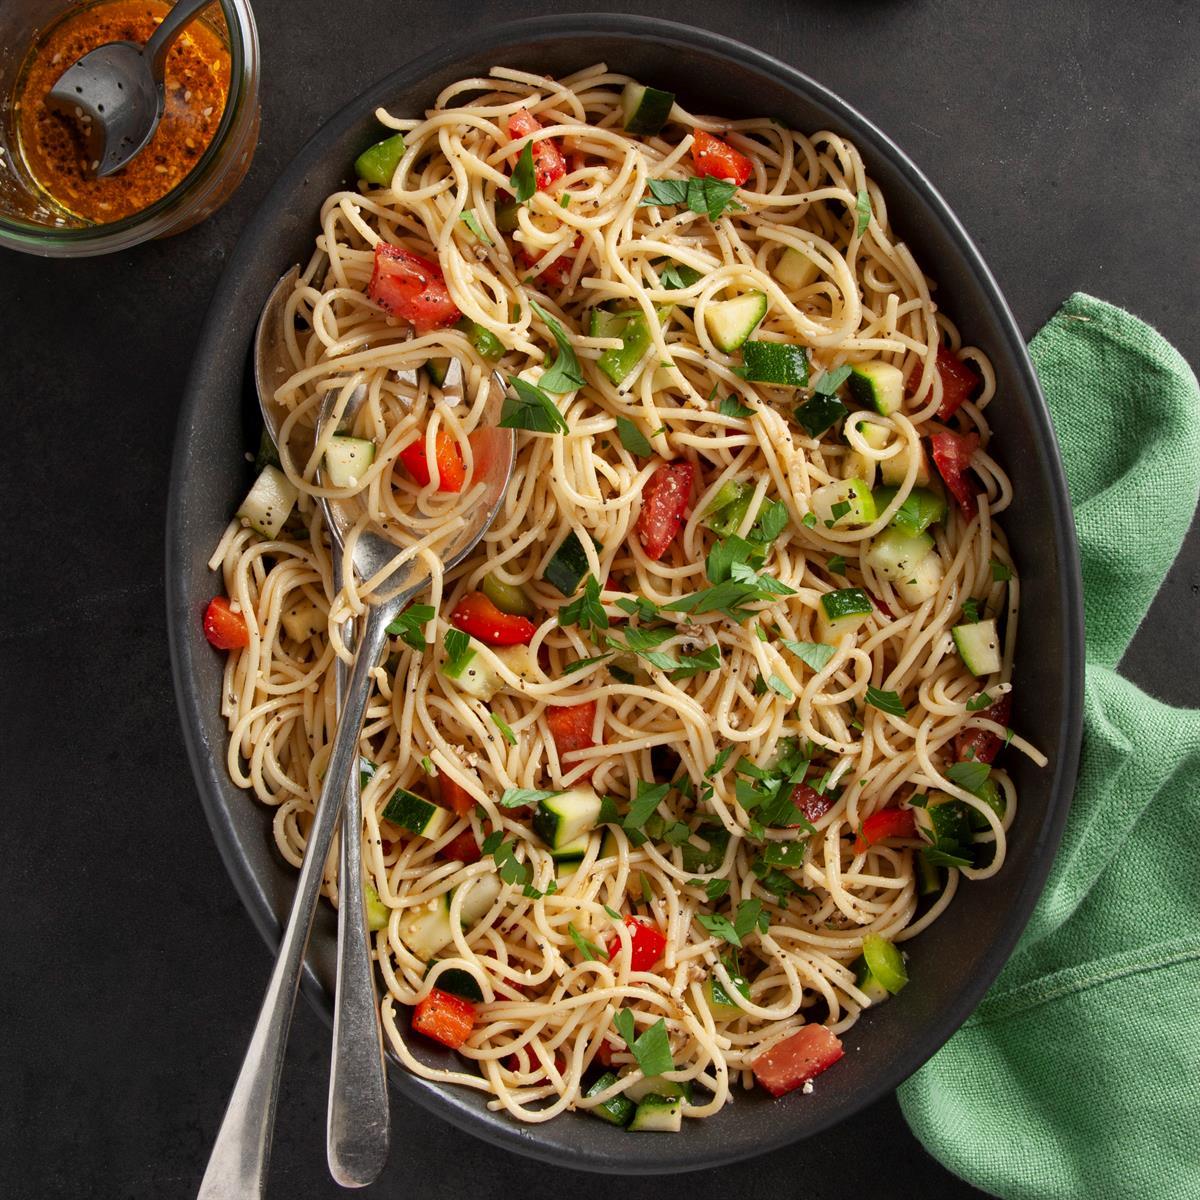 Italian Spaghetti Salad Recipe image